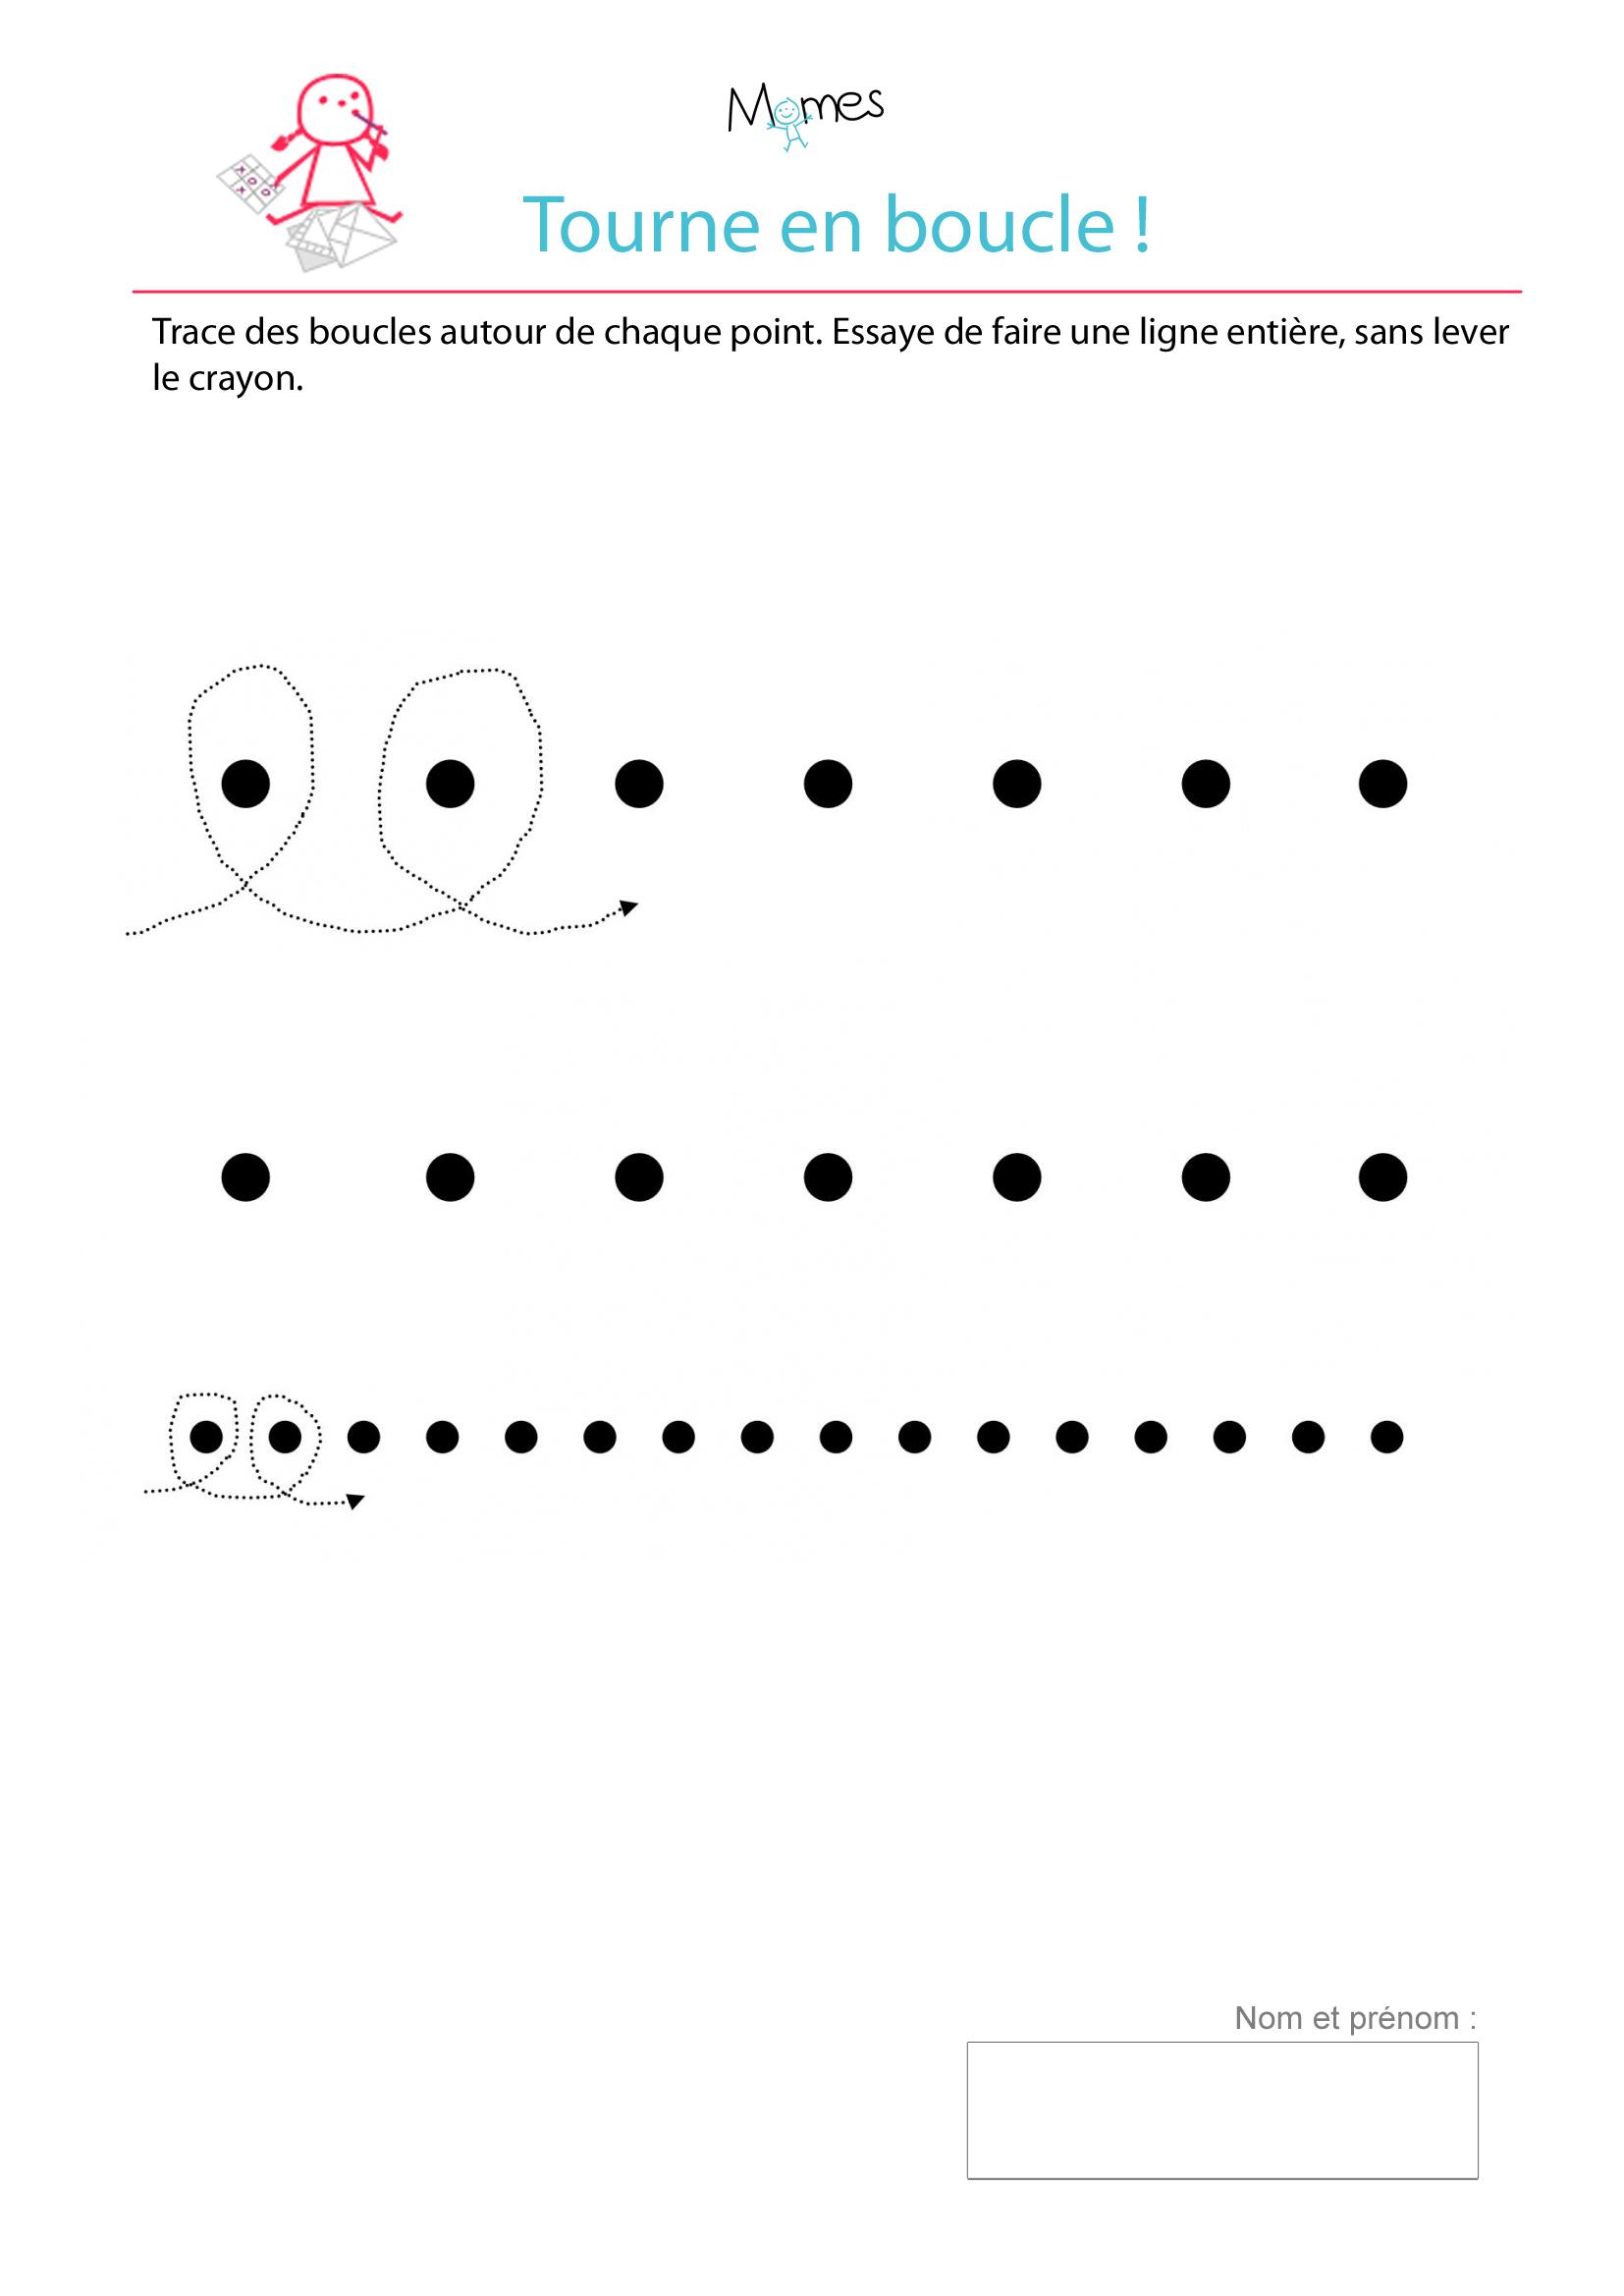 Hervorragend Exercice d'écriture : tracer des boucles autour de points - Momes.net TL56